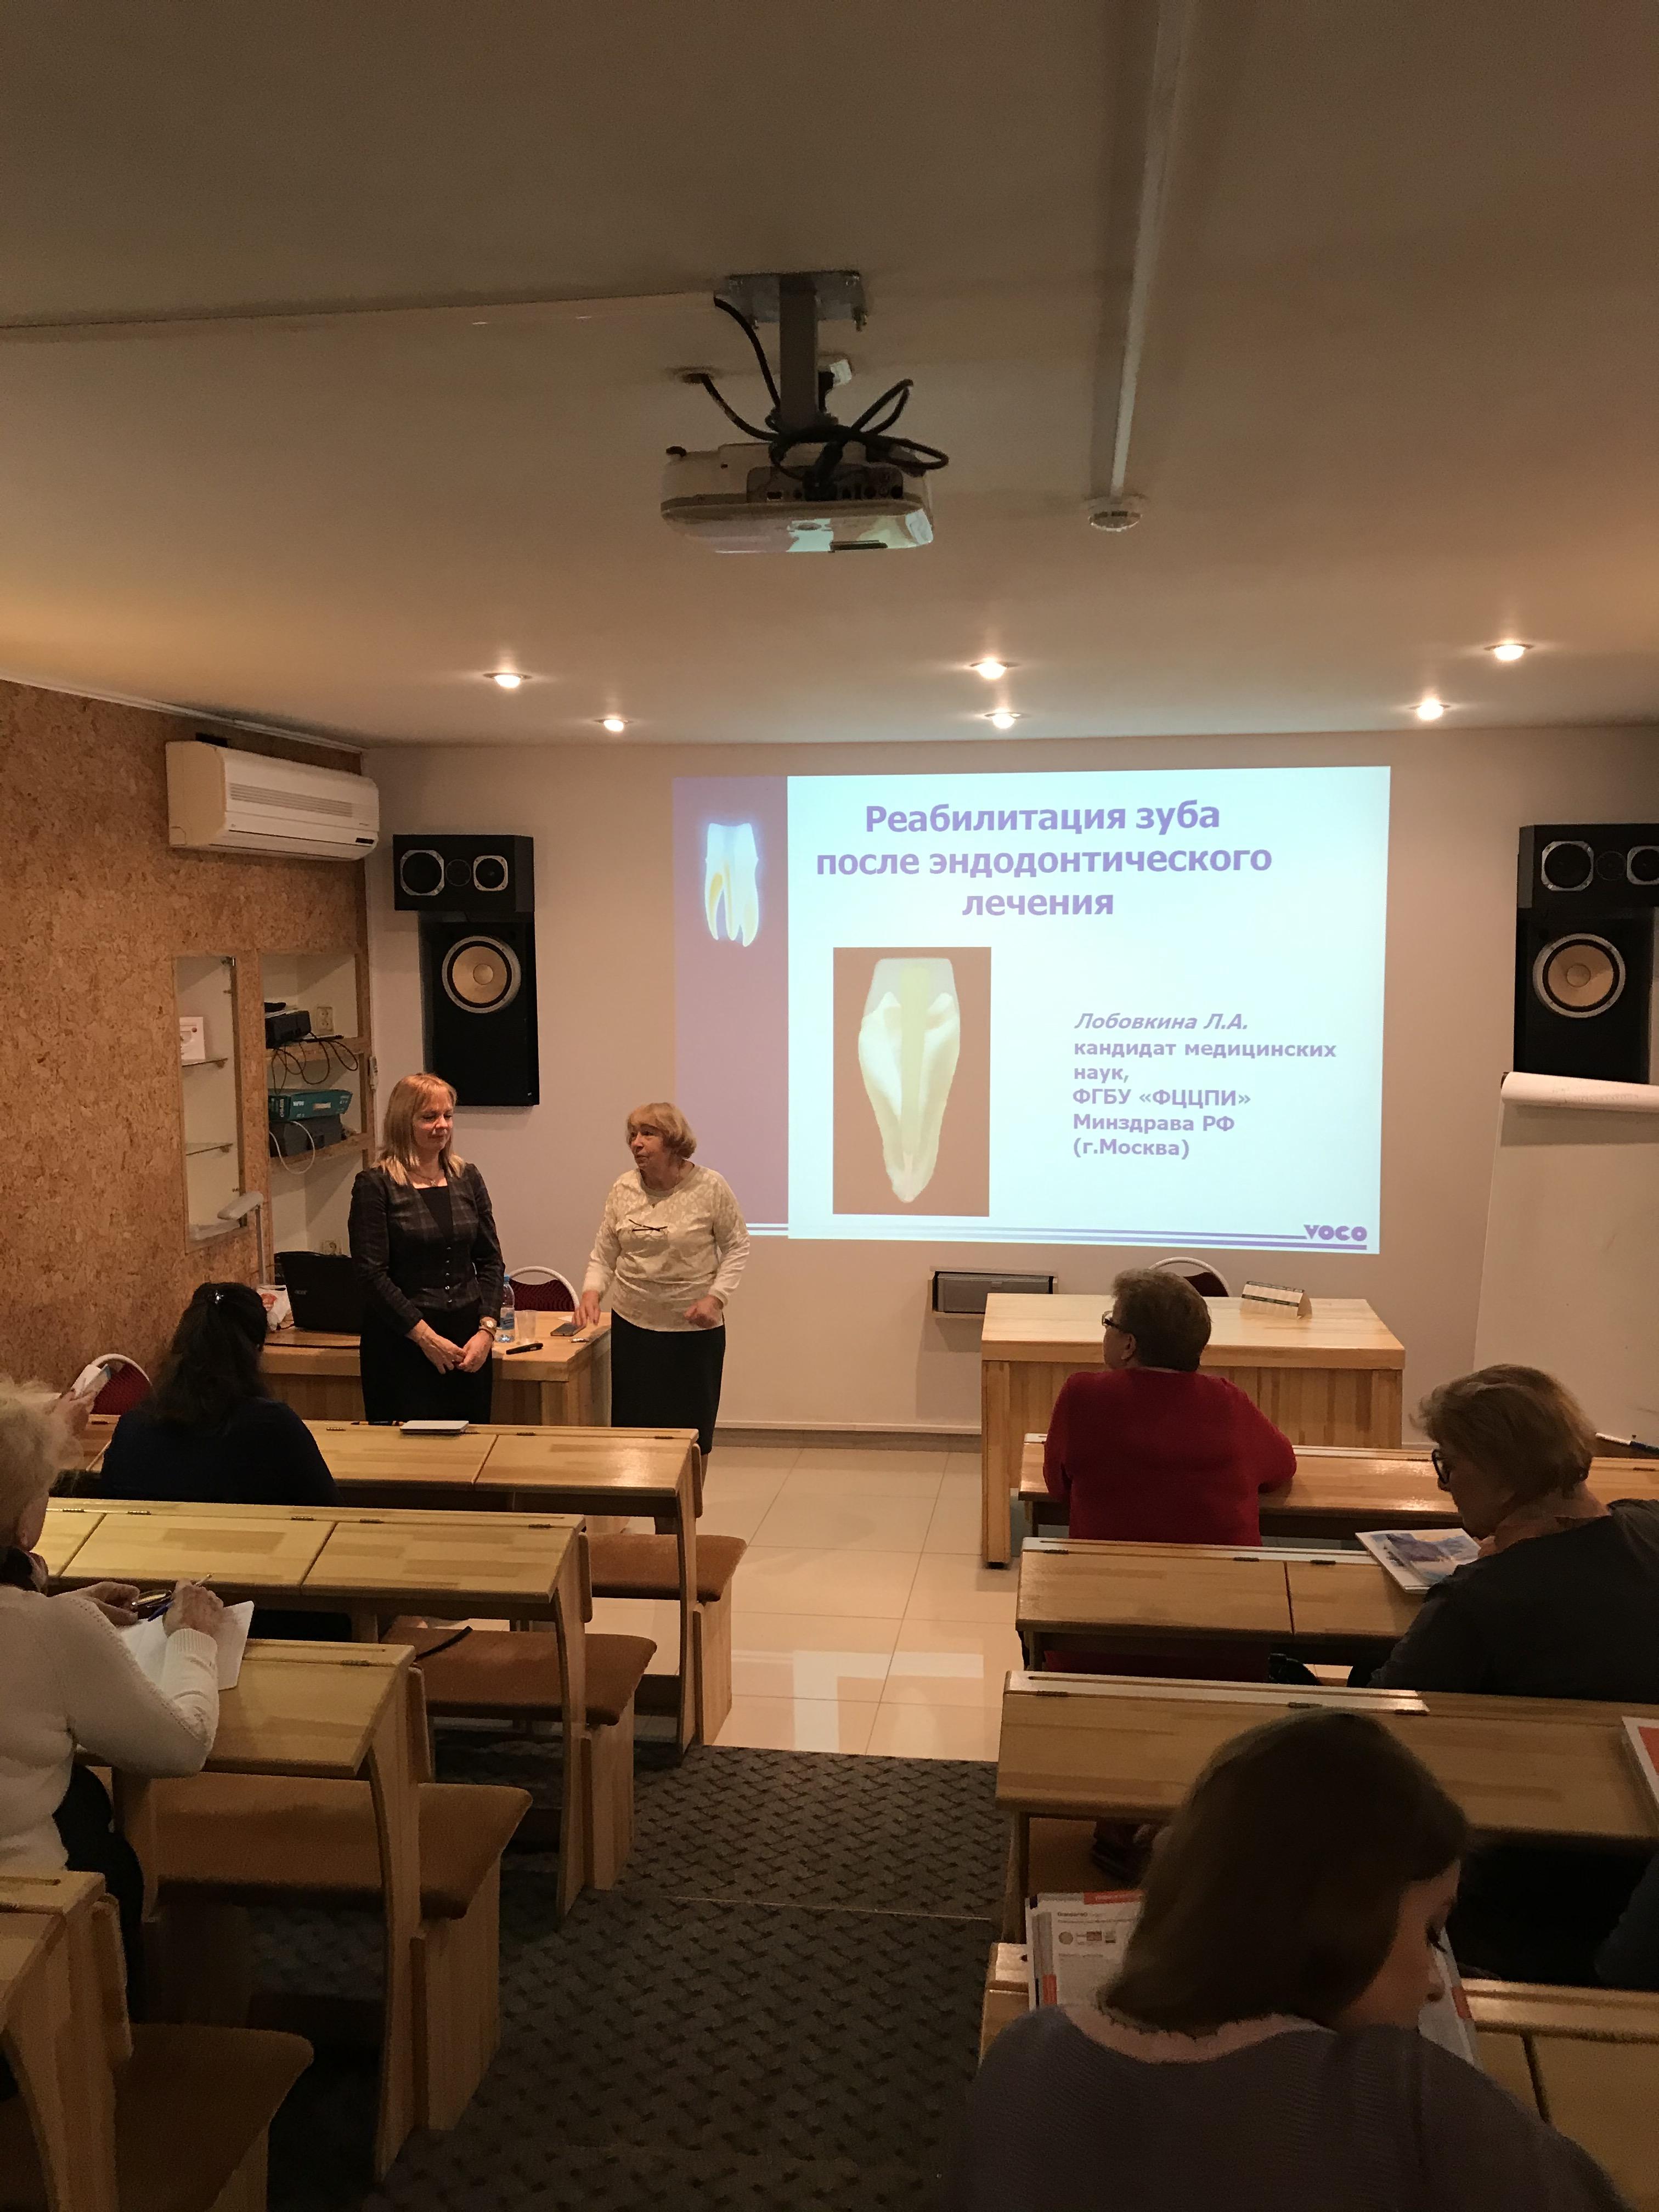 """Семинар на тему """"Современные взгляды на реабилитацию зубов после эндодонтическог"""